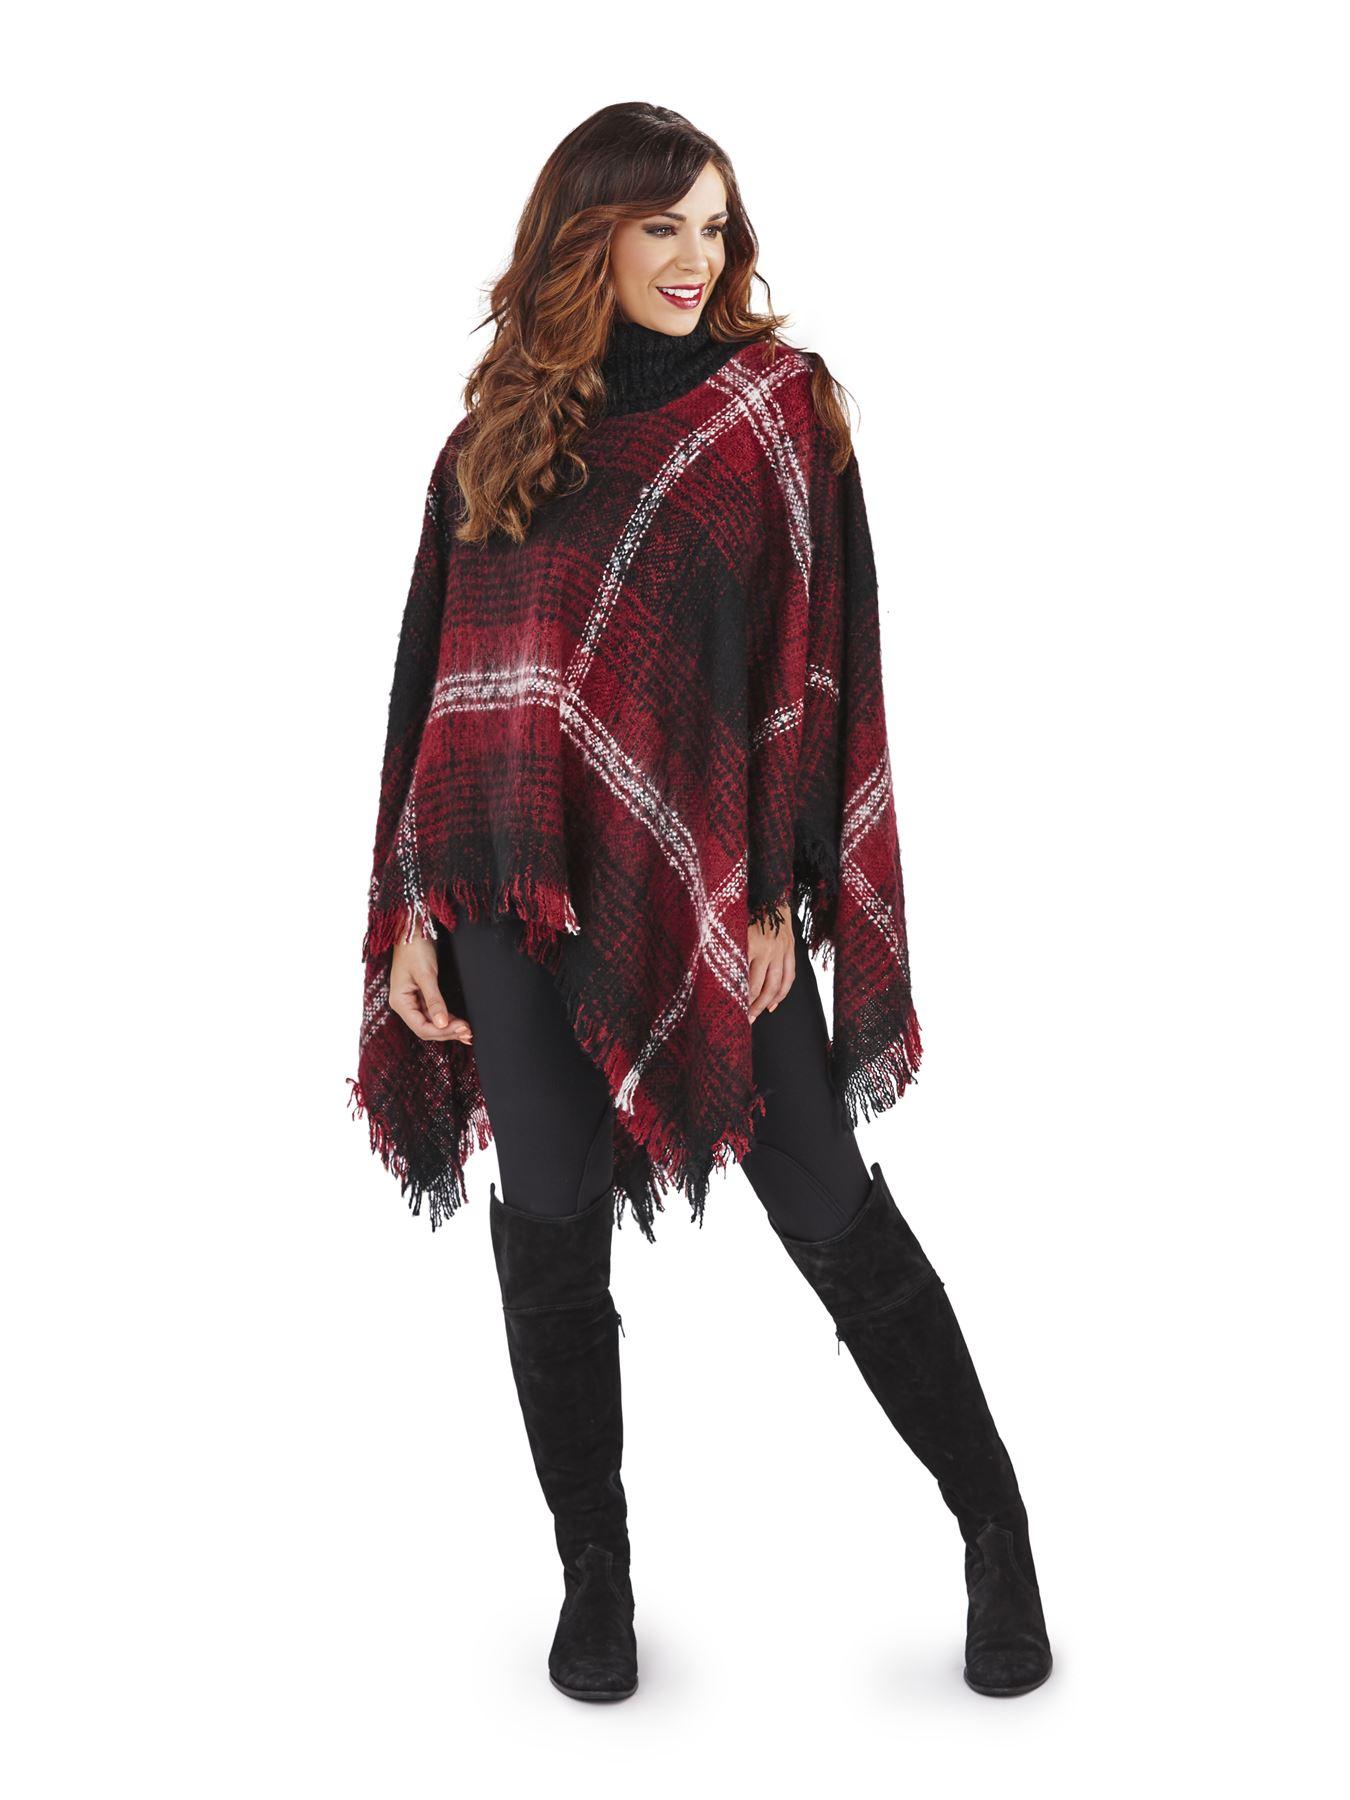 Damen gestrickt umhang winter tartan karomuster decke for Schal binden damen